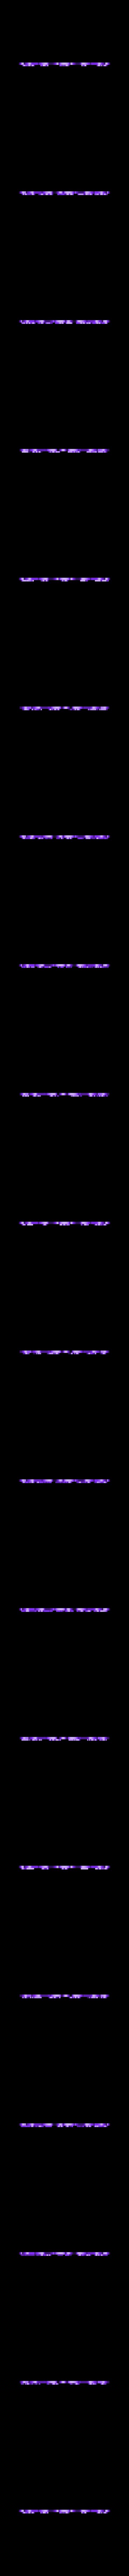 Ca488b25 c366 4e85 967c 86c0cf4a77c3